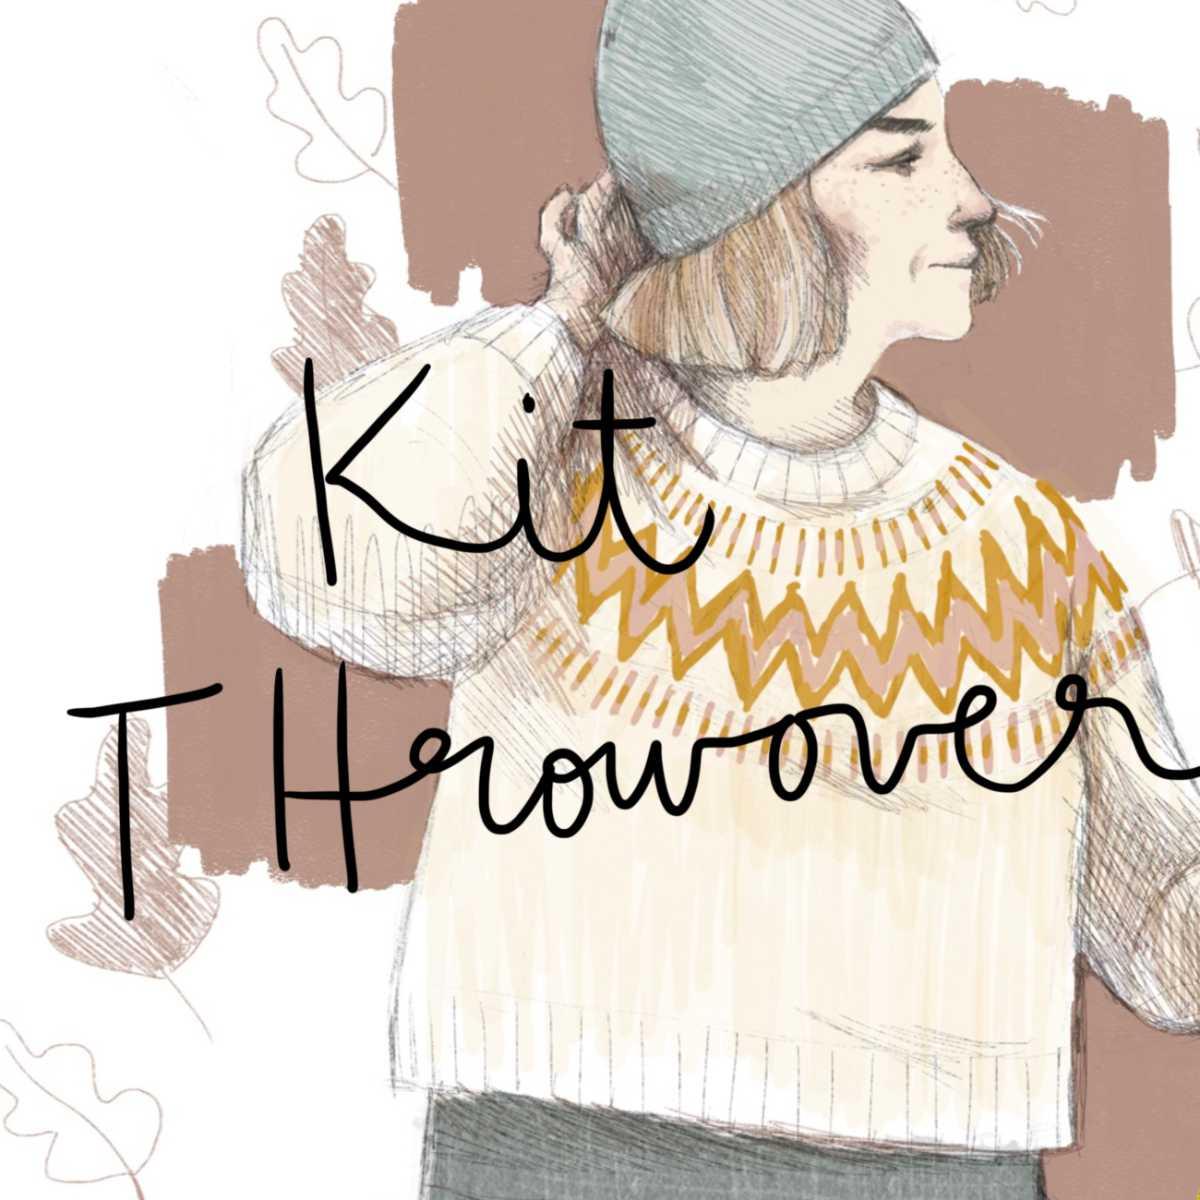 Kit_throwover-2